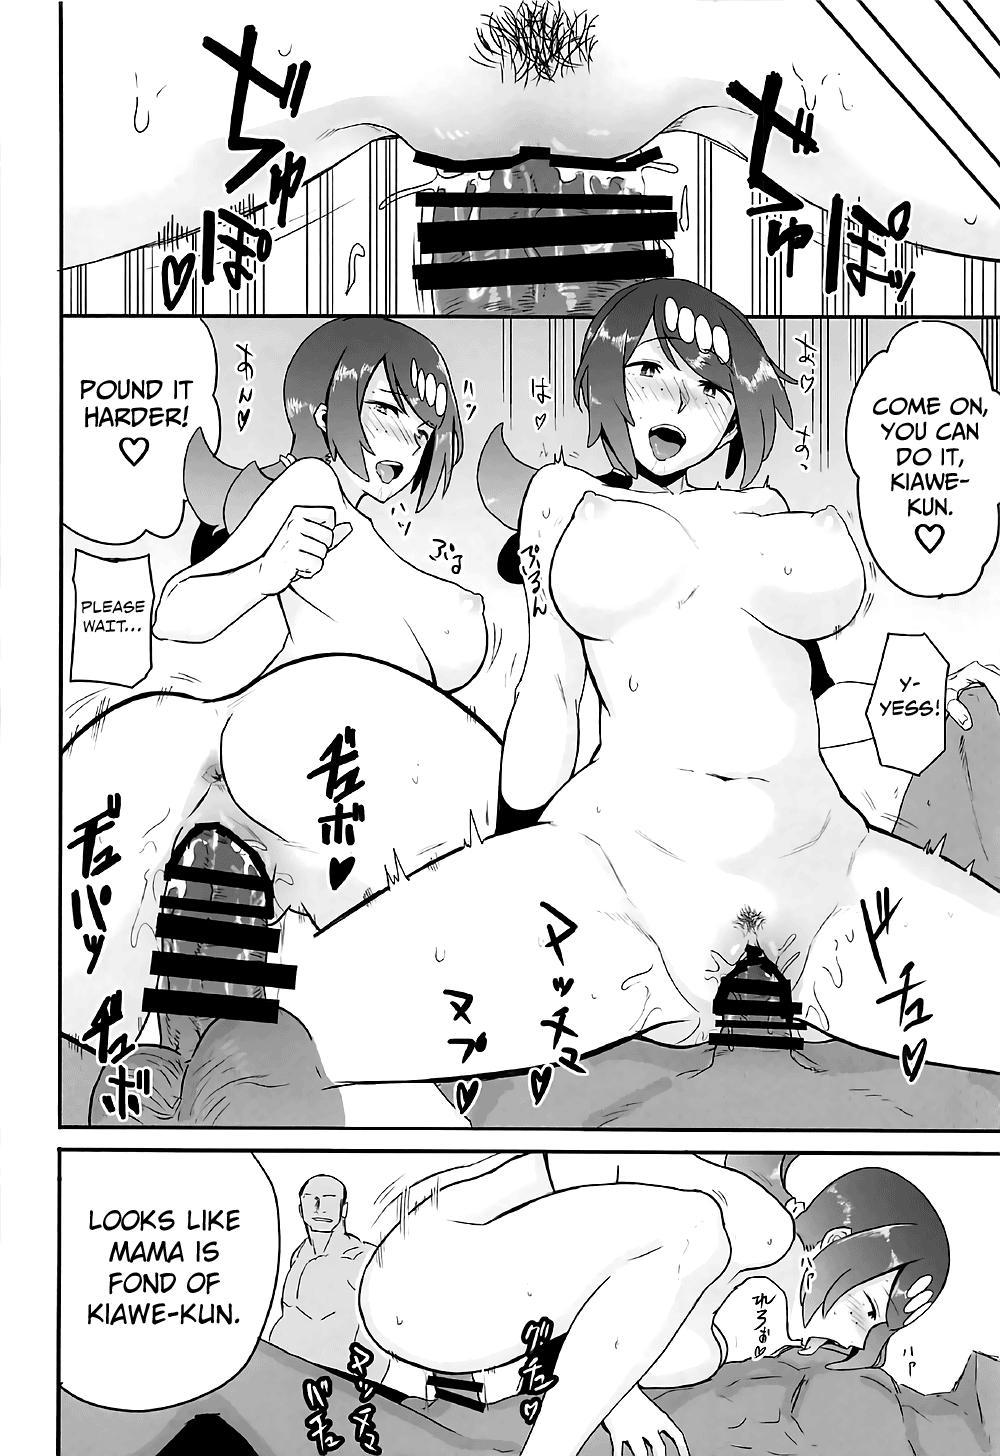 Alola no Yoru no Sugata 20